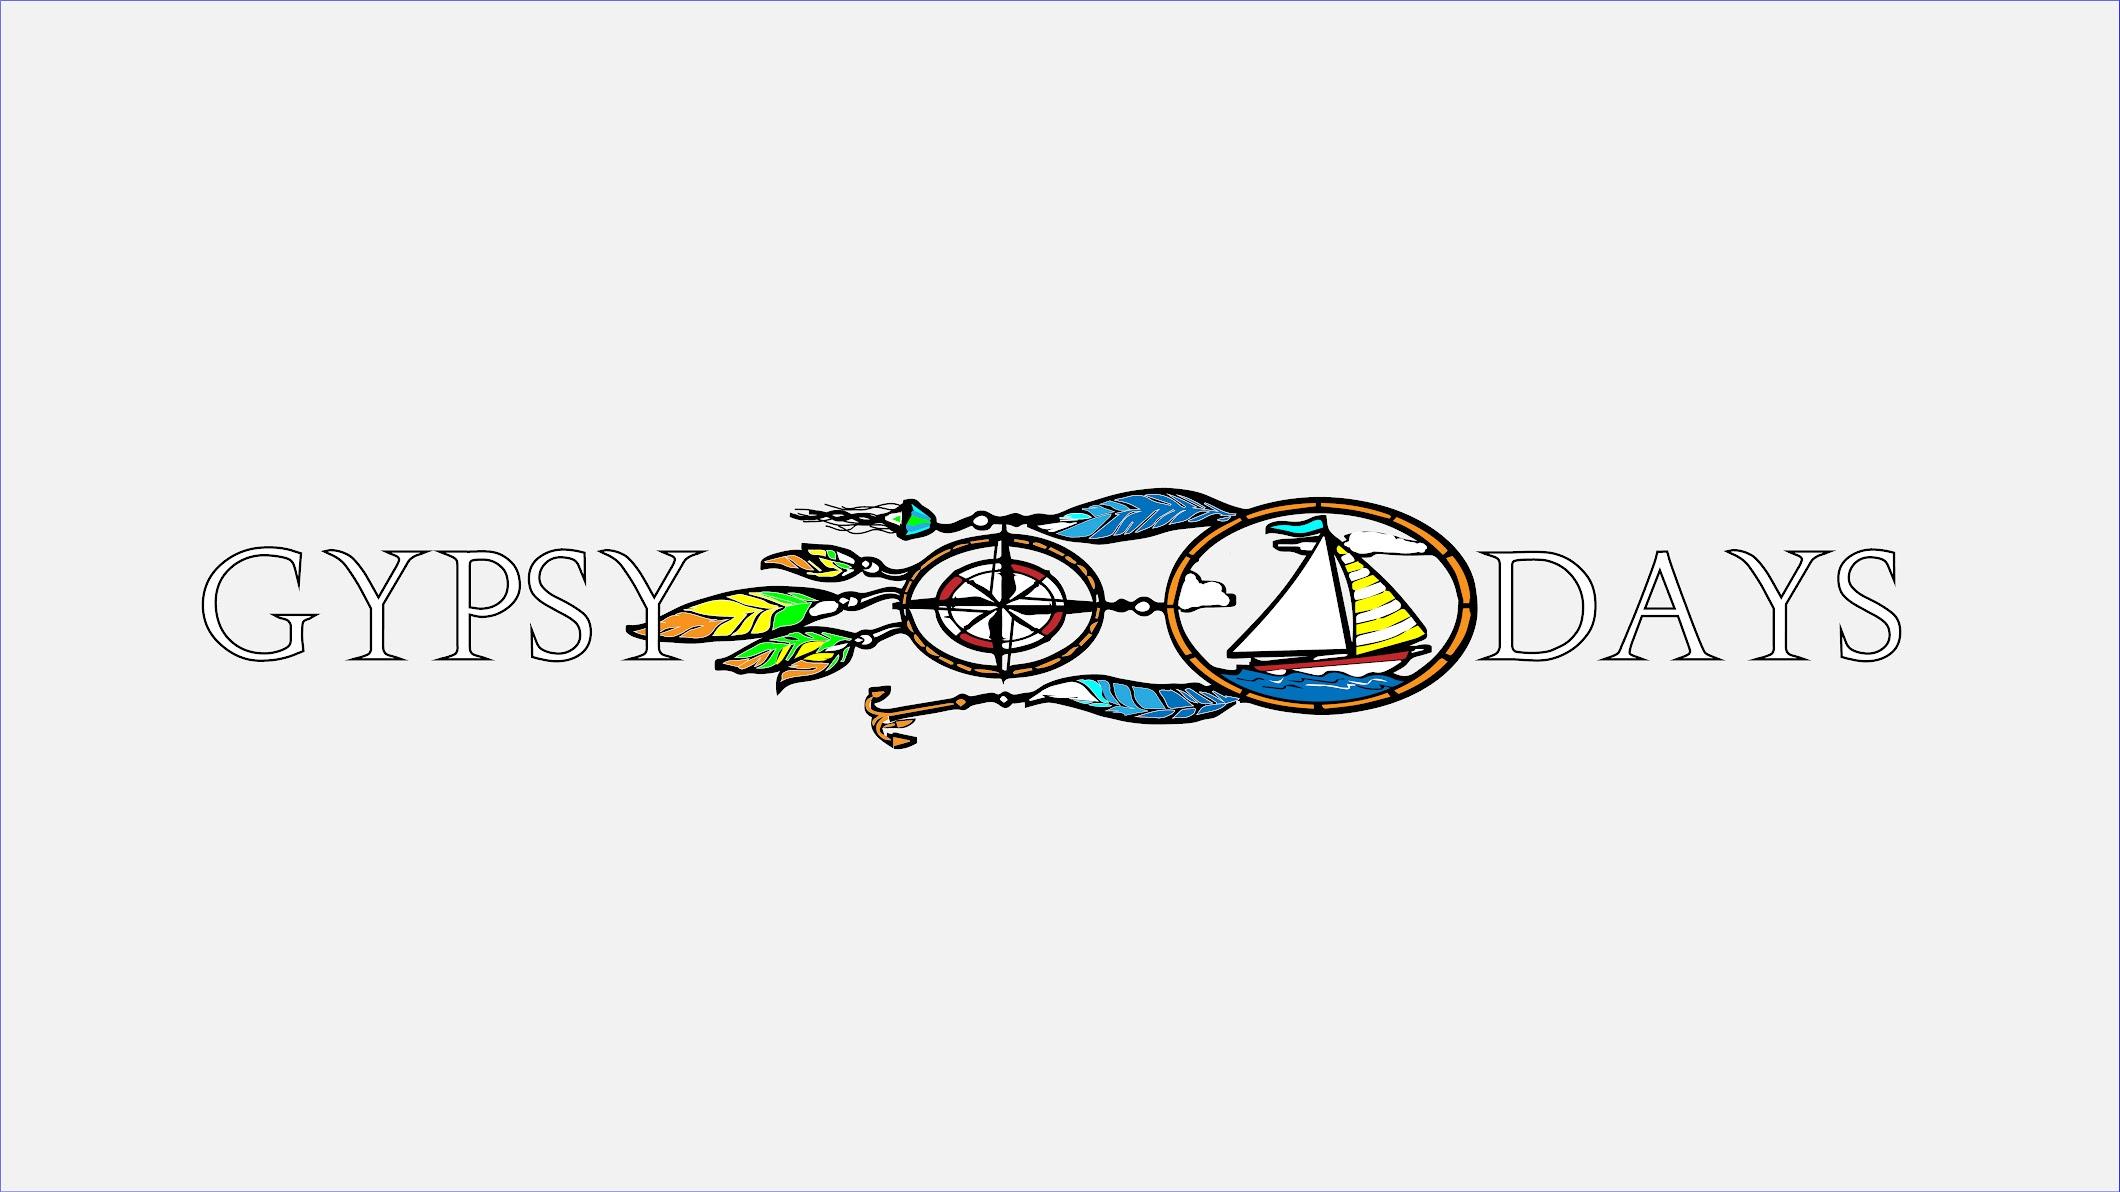 S/V Gypsy Days